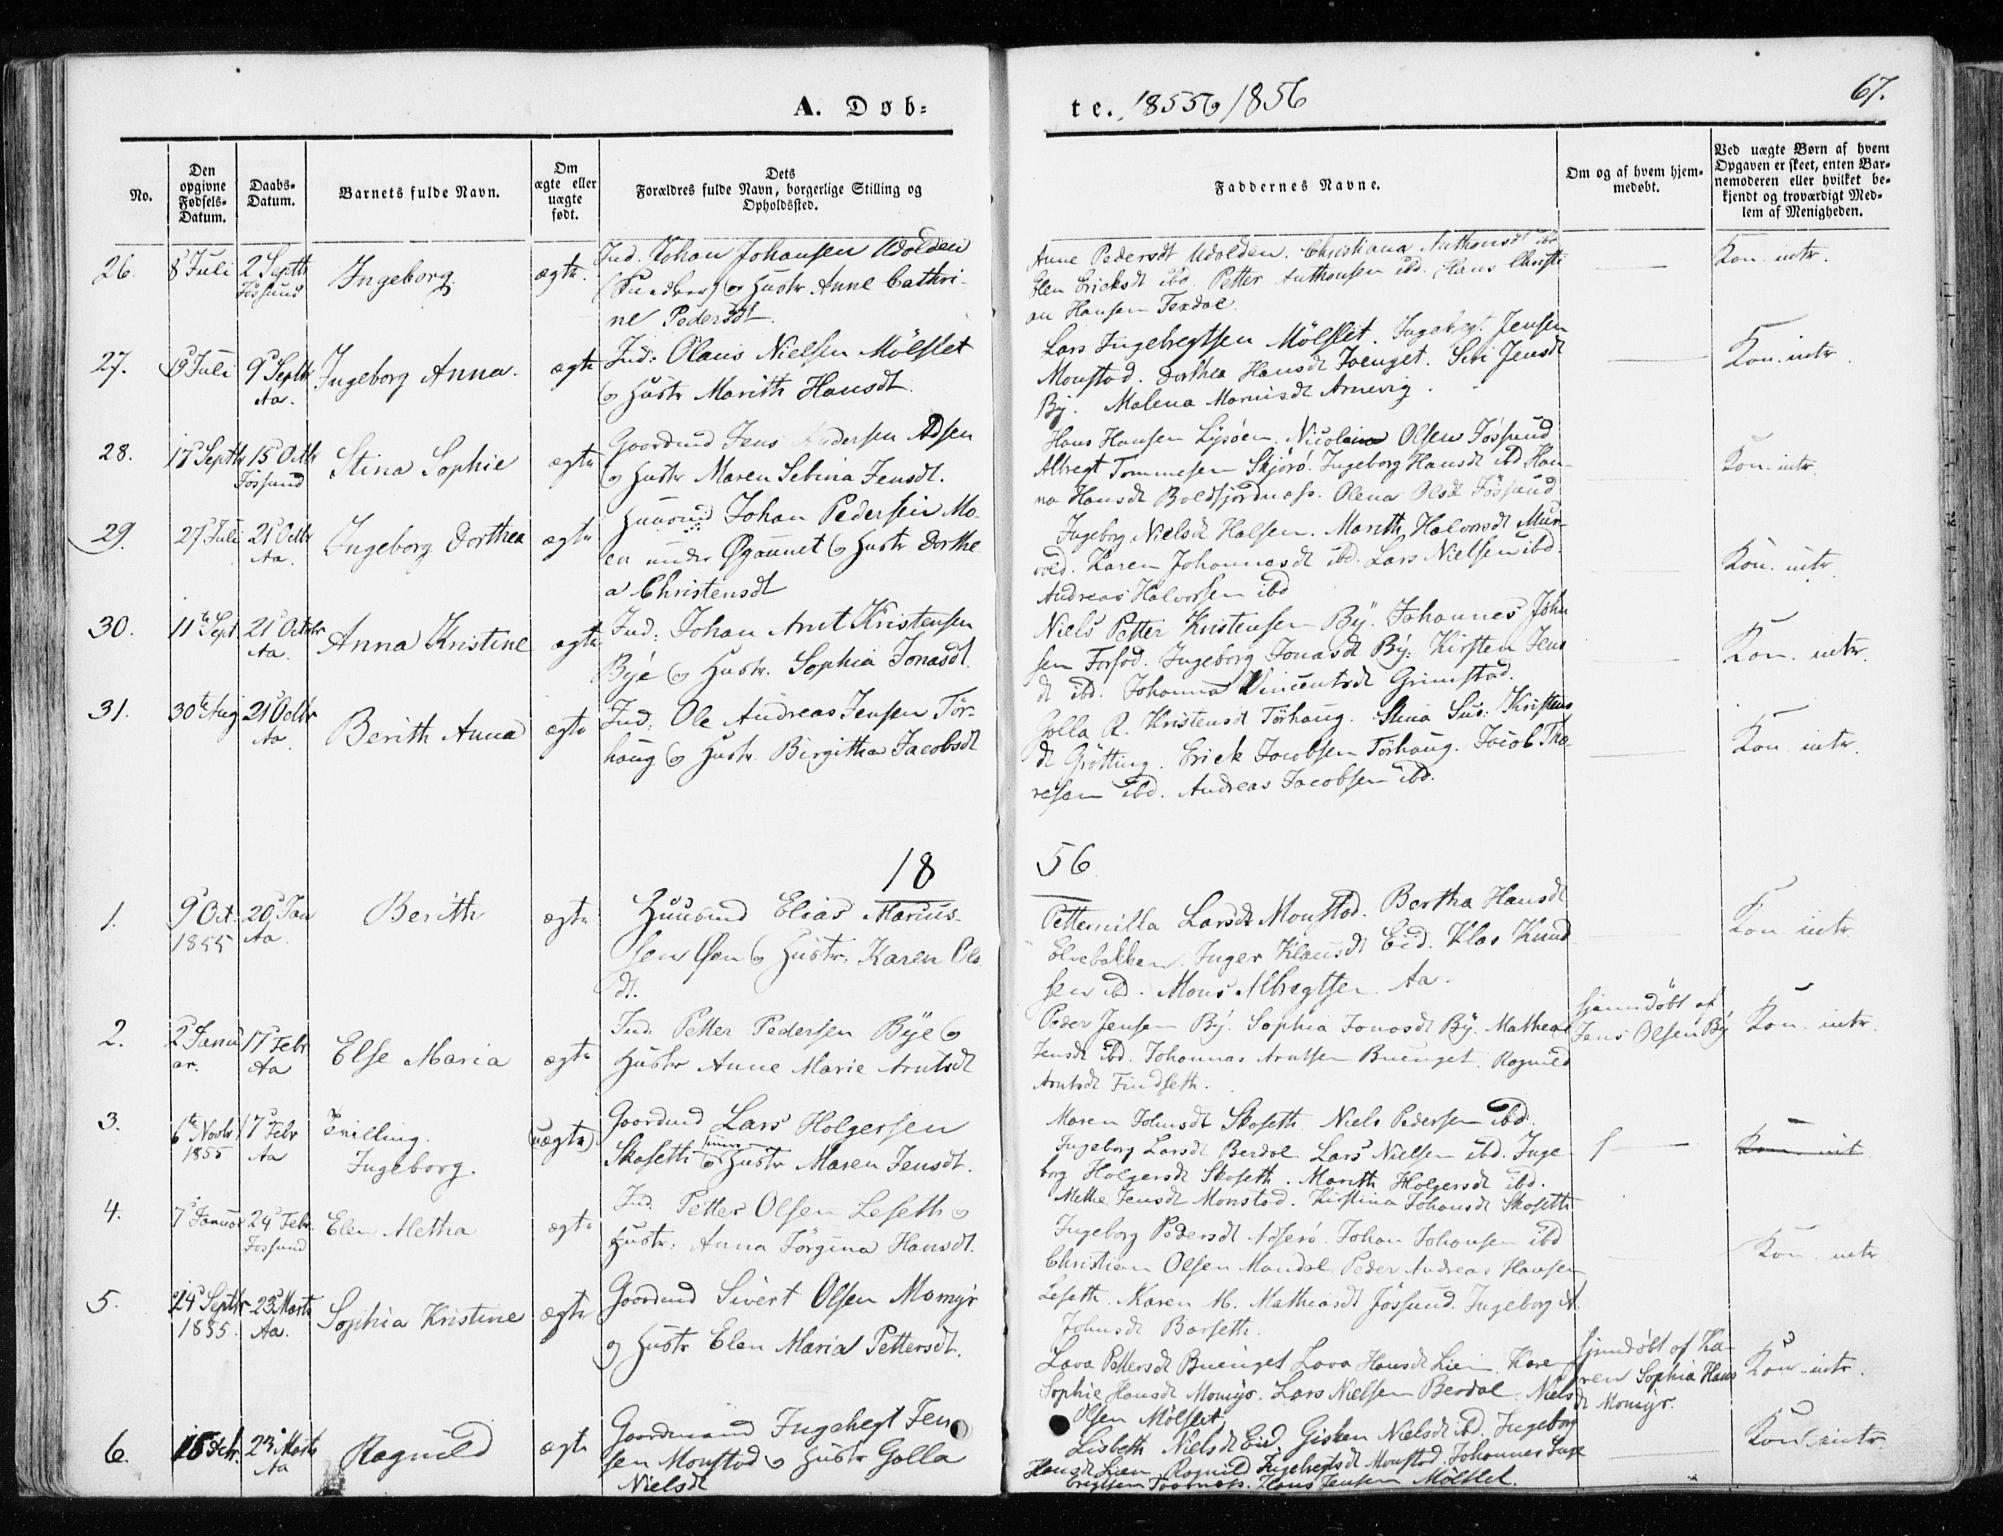 SAT, Ministerialprotokoller, klokkerbøker og fødselsregistre - Sør-Trøndelag, 655/L0677: Ministerialbok nr. 655A06, 1847-1860, s. 67